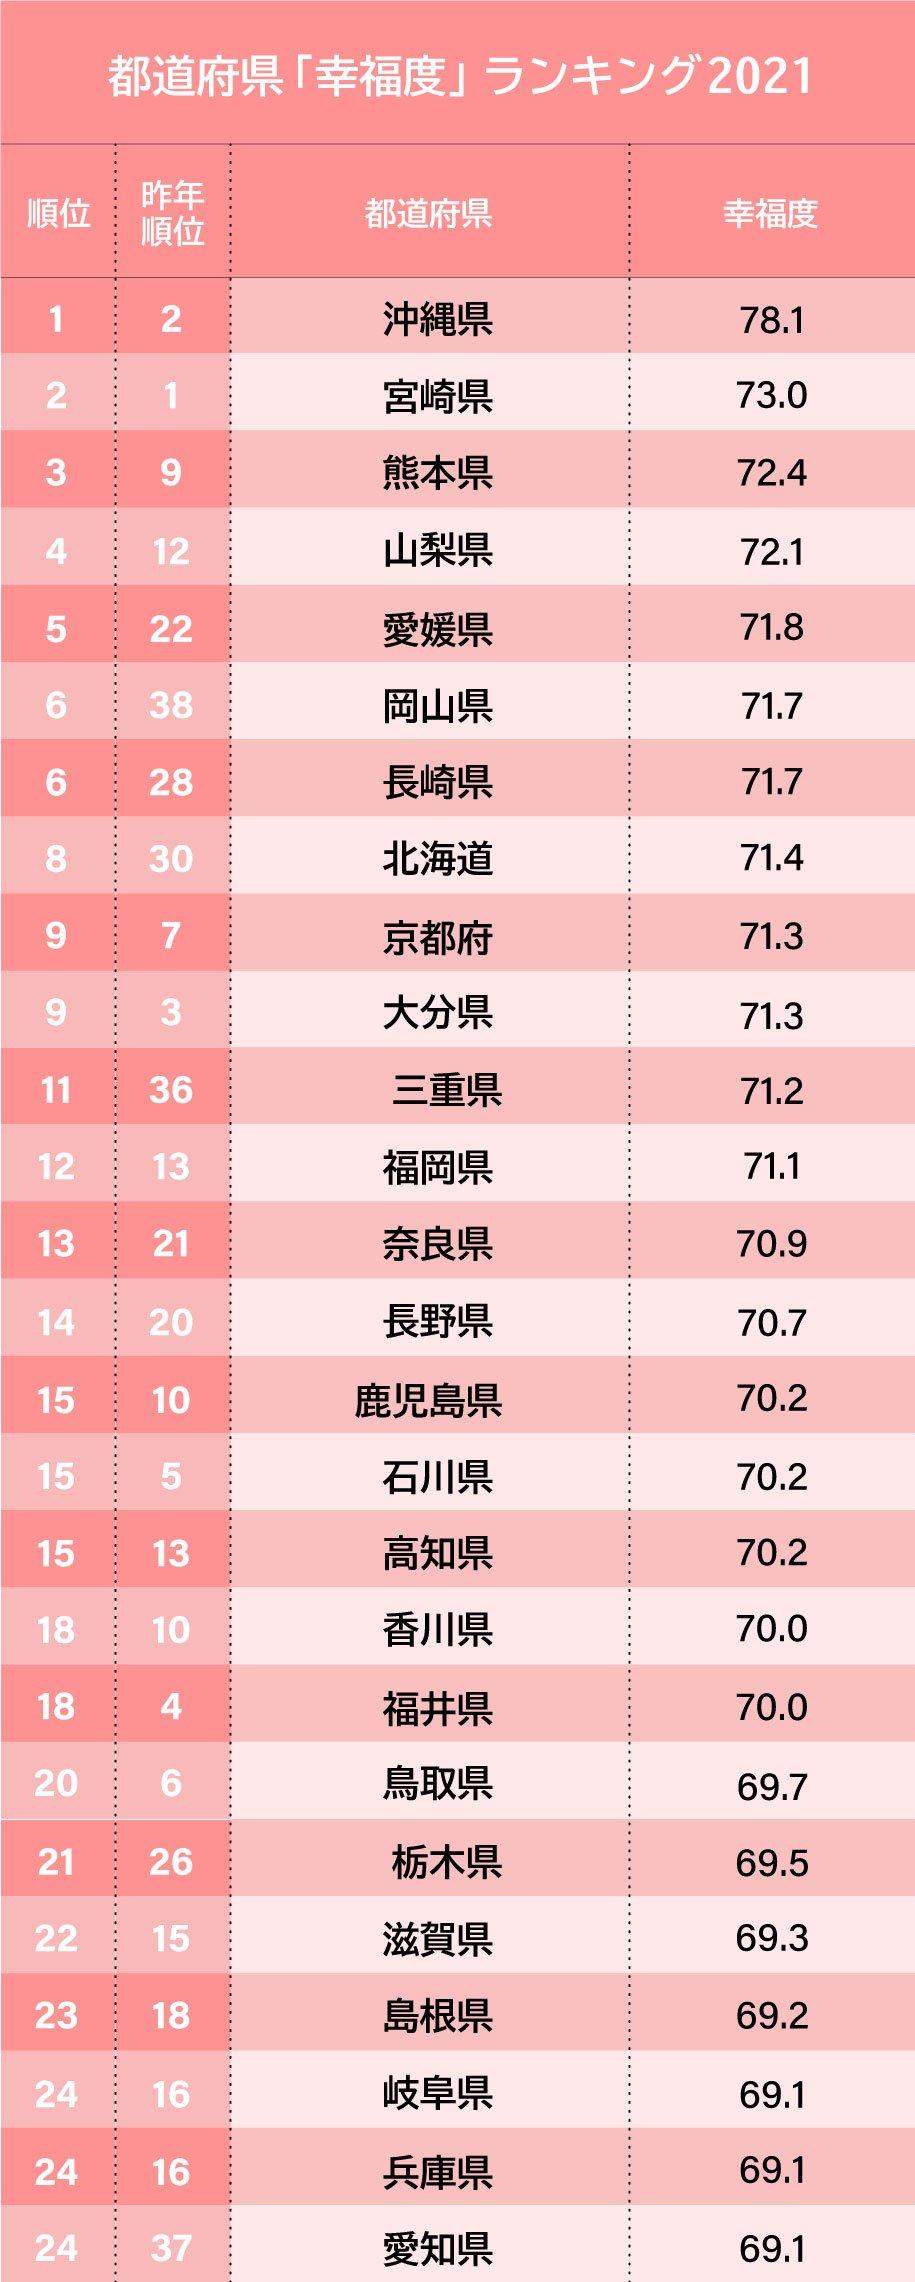 都道府県「幸福度」ランキング2021【完全版】